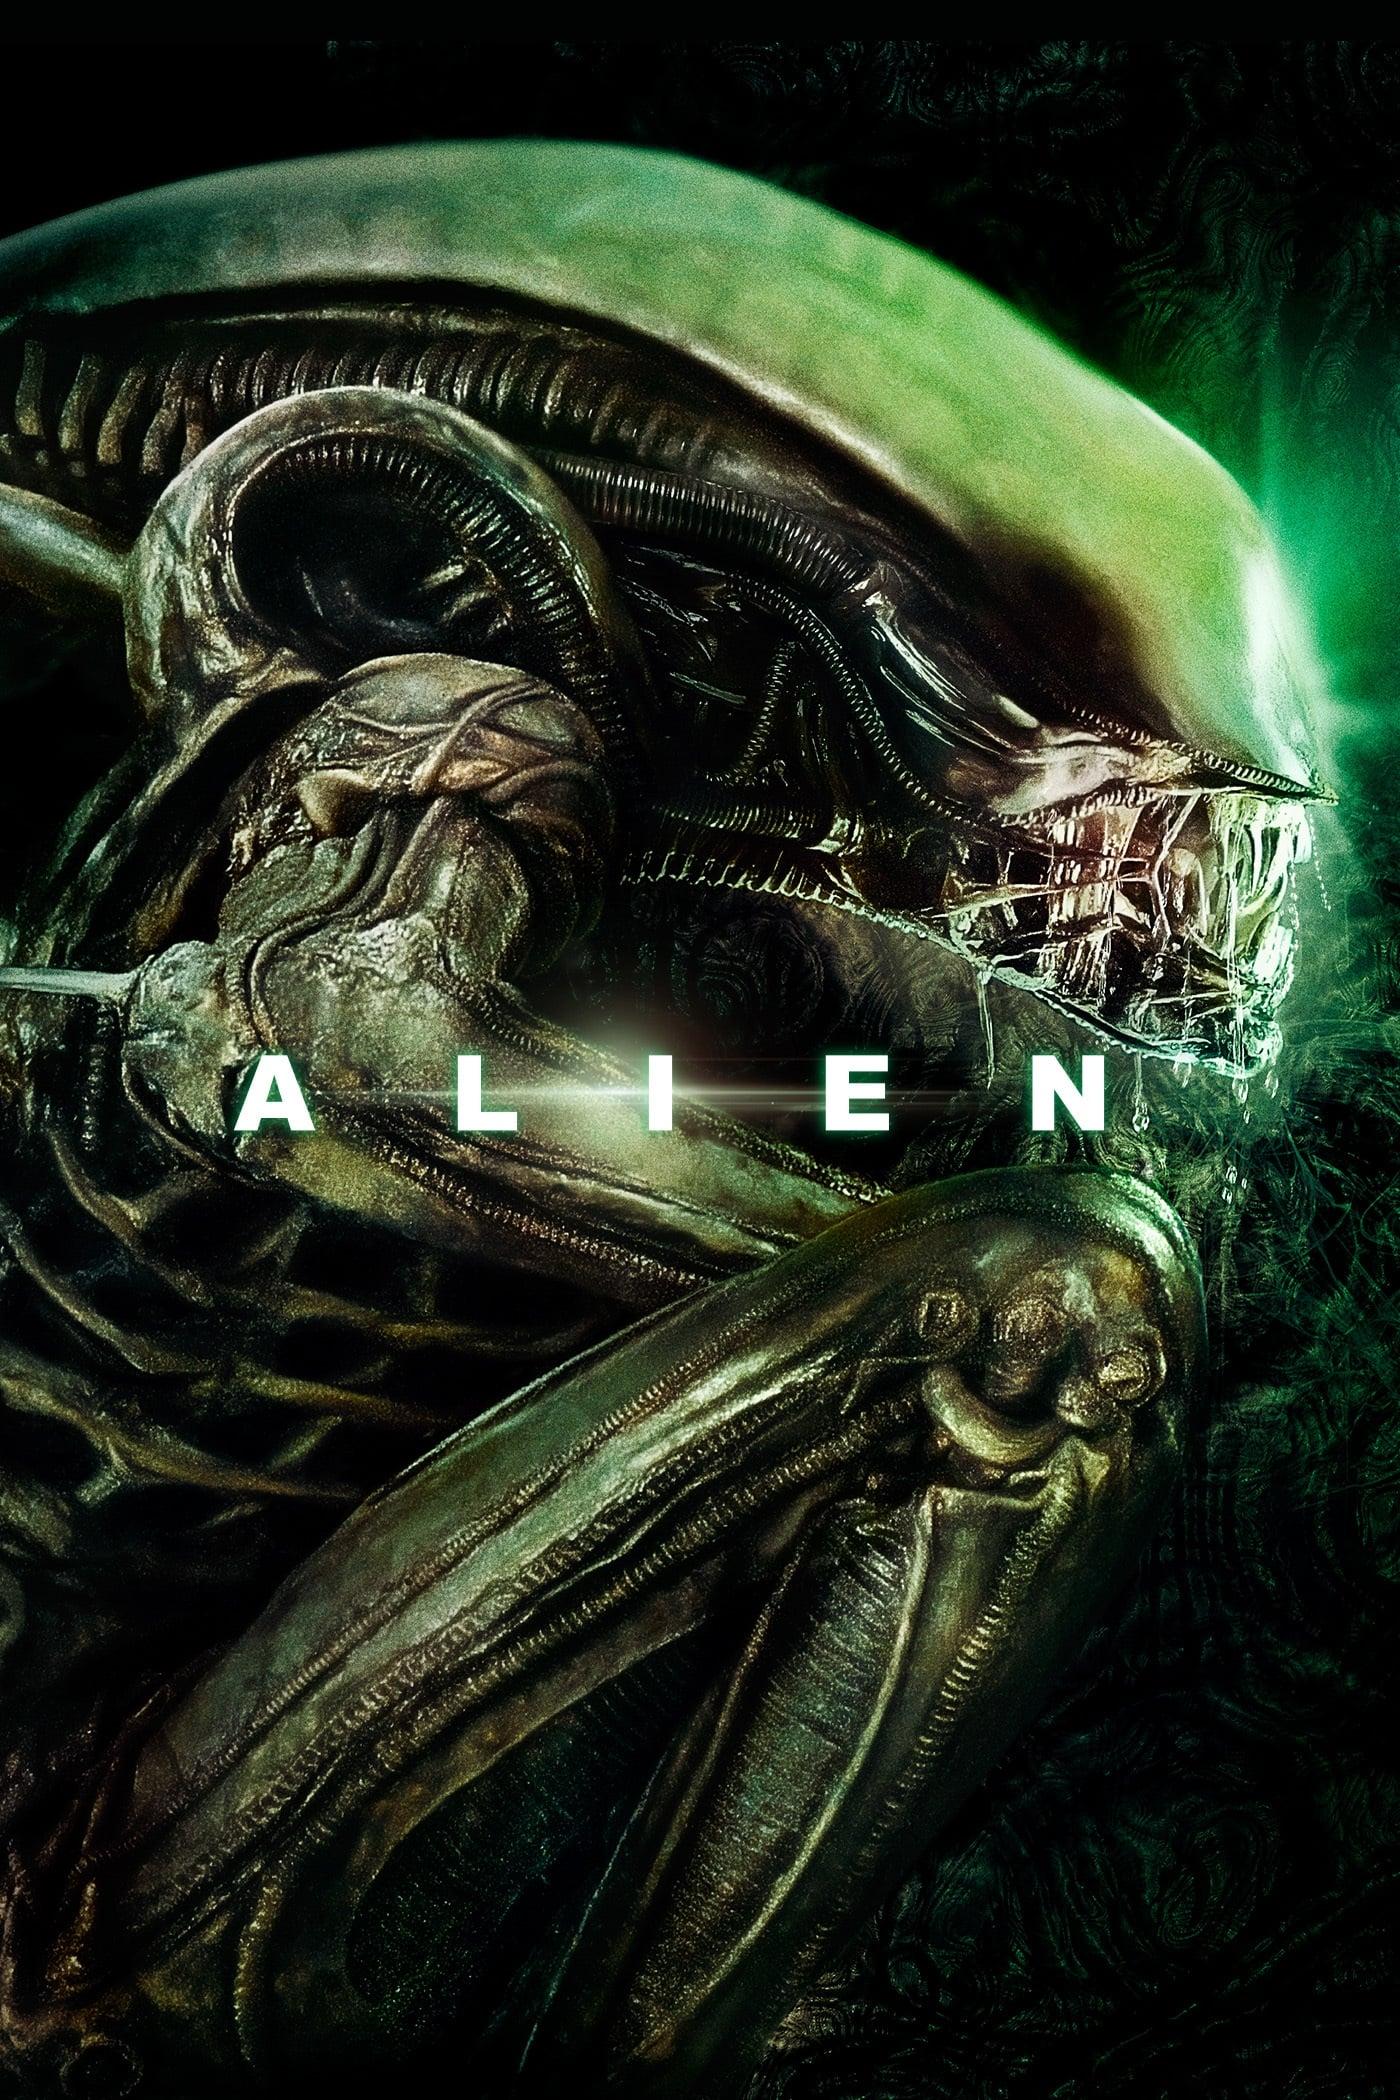 2016 full streaming alien movie